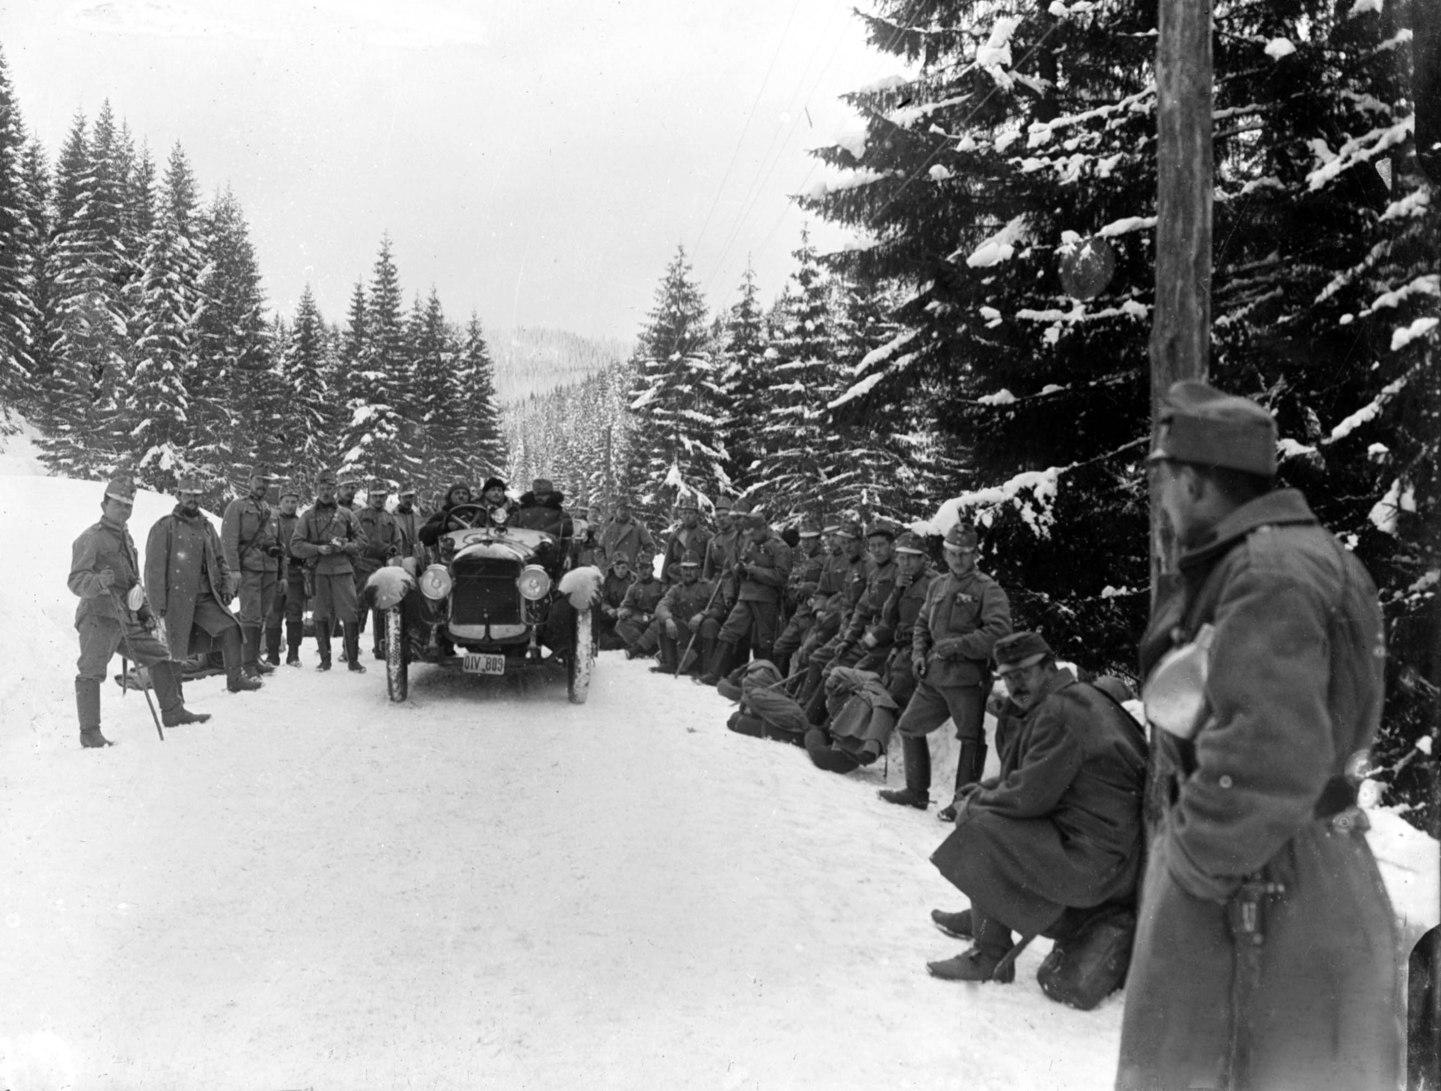 1915. december 1. Újságírók a fronton. A téli hegyvidéken táborozó csapatokkal találkoznak az autóval mozgó újságírók. Az ő feladatuk beszámolni a frontvonalról, de nemcsak a hátország számára, hanem fronton harcoló katonák tájékoztatására is. (MTI-fotó: reprodukció)